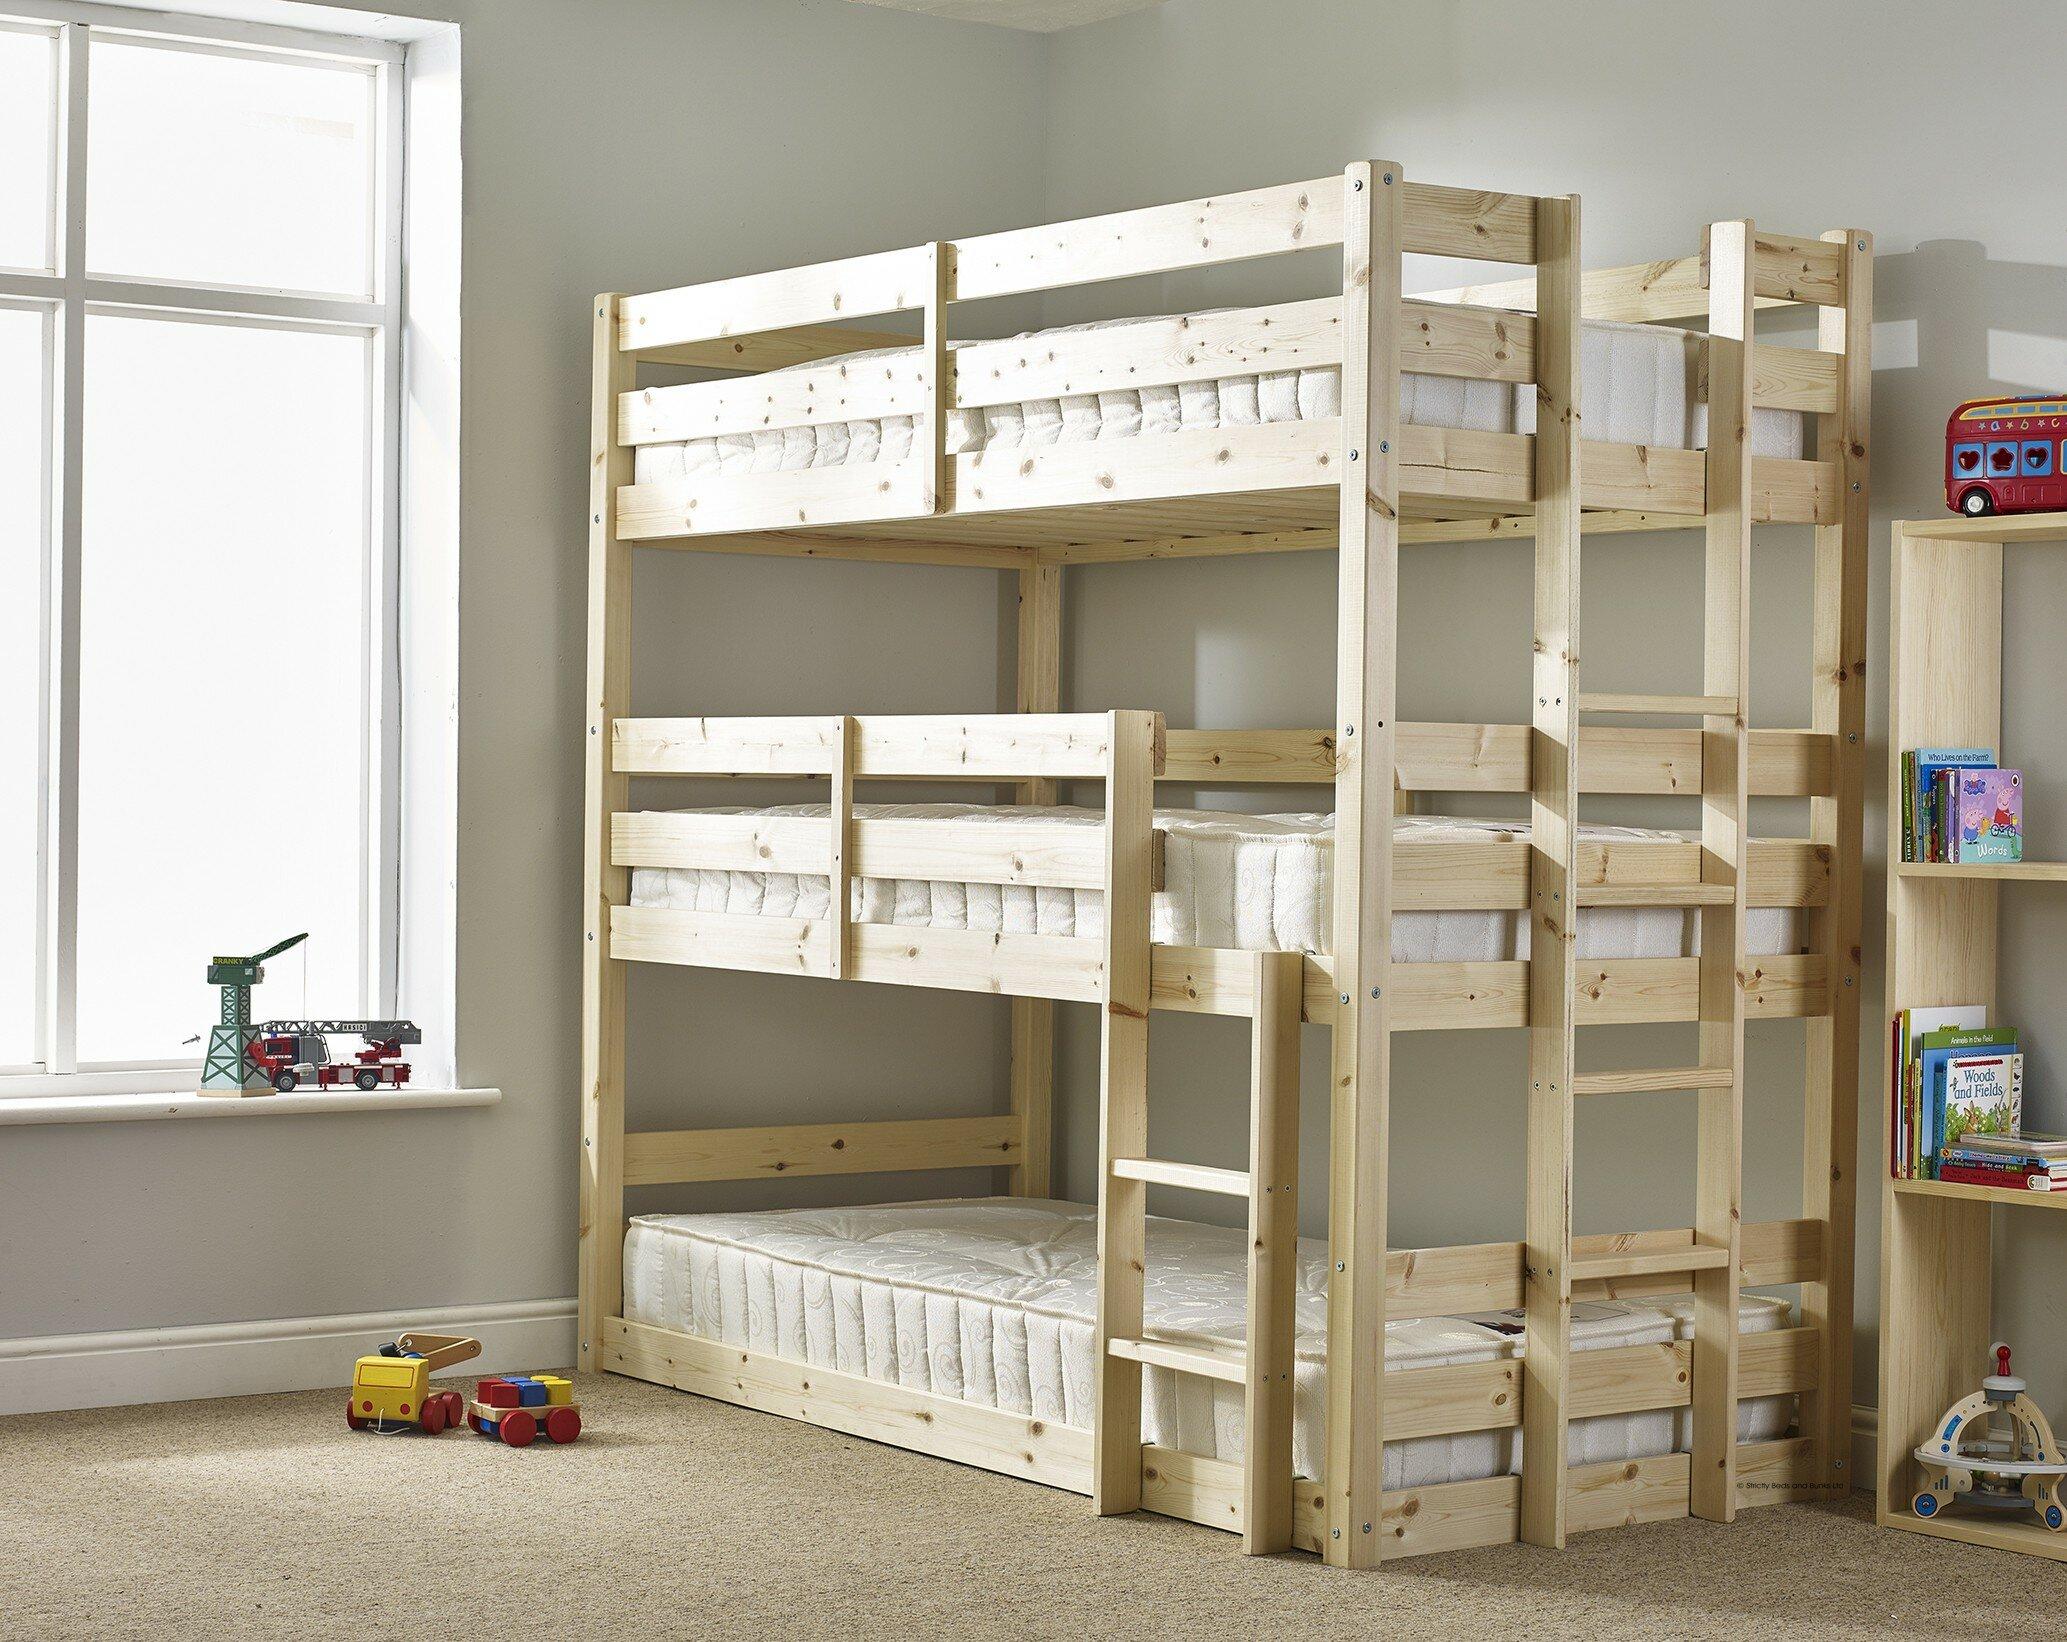 Etagenbett Schutz : Paidi etagenbett weiß fiona möbel höffner